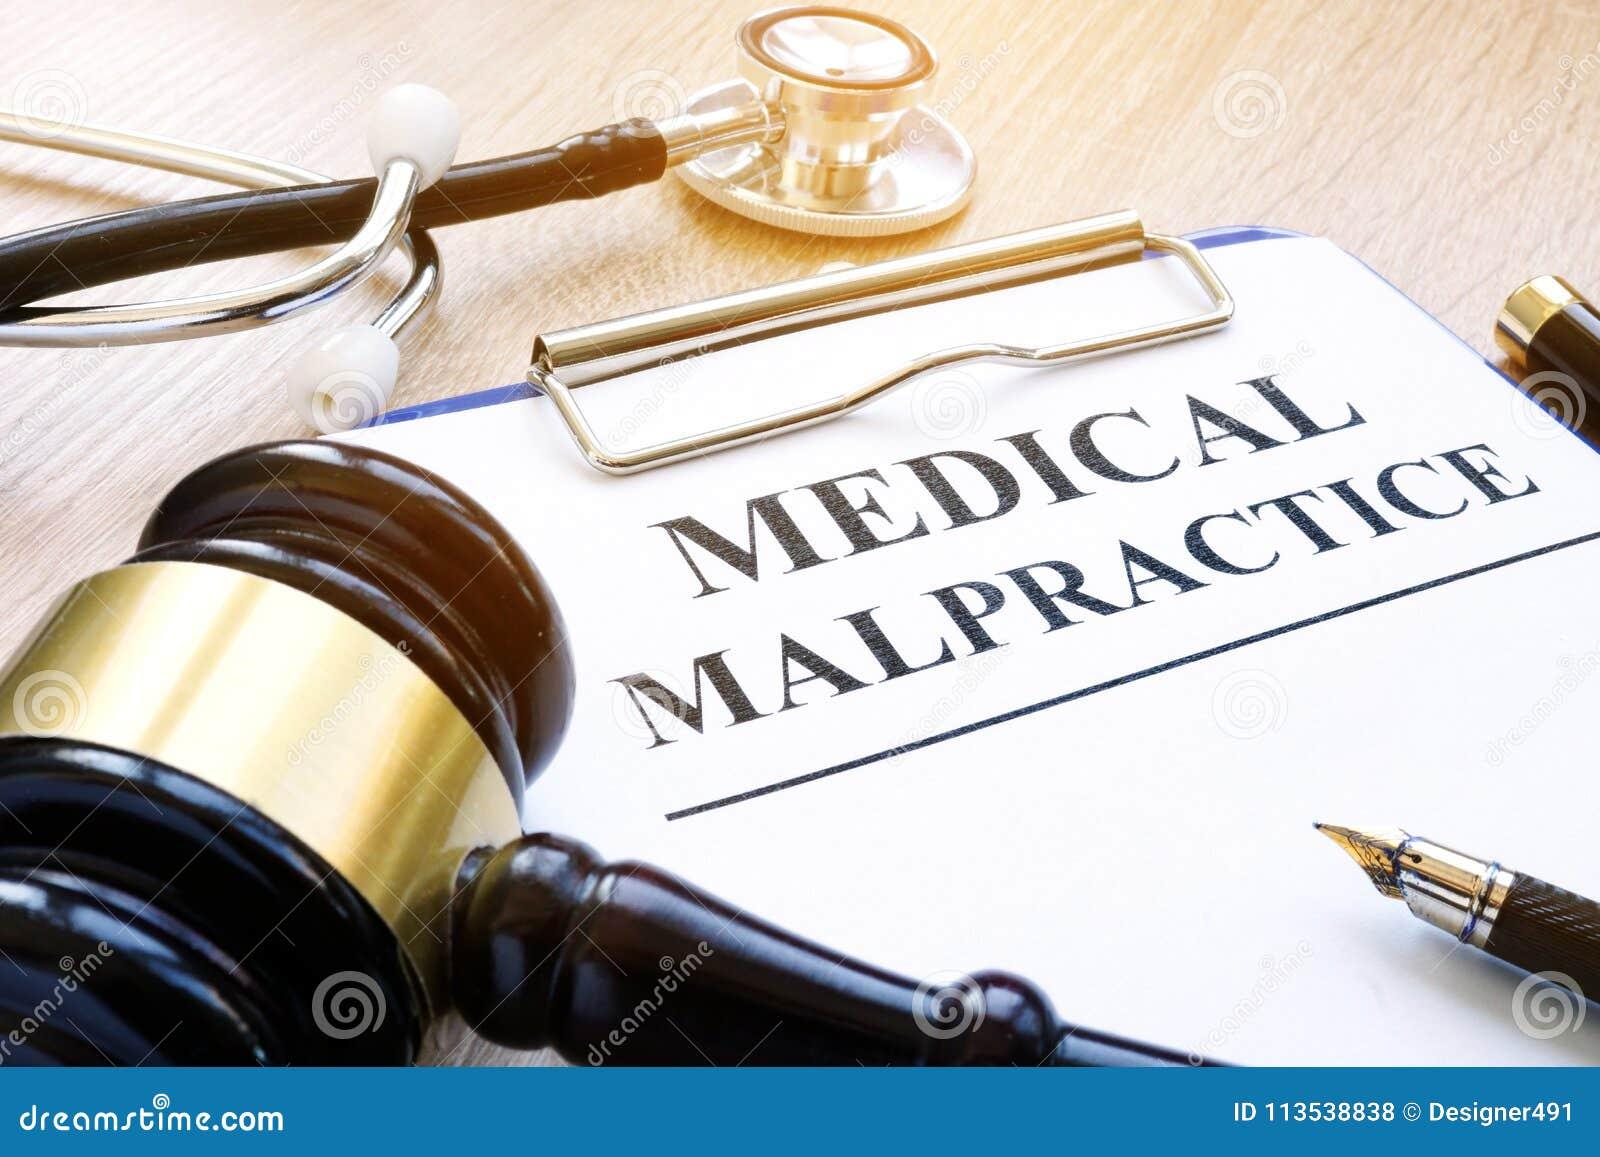 Документы о медицинской преступной небрежности врача и молотке